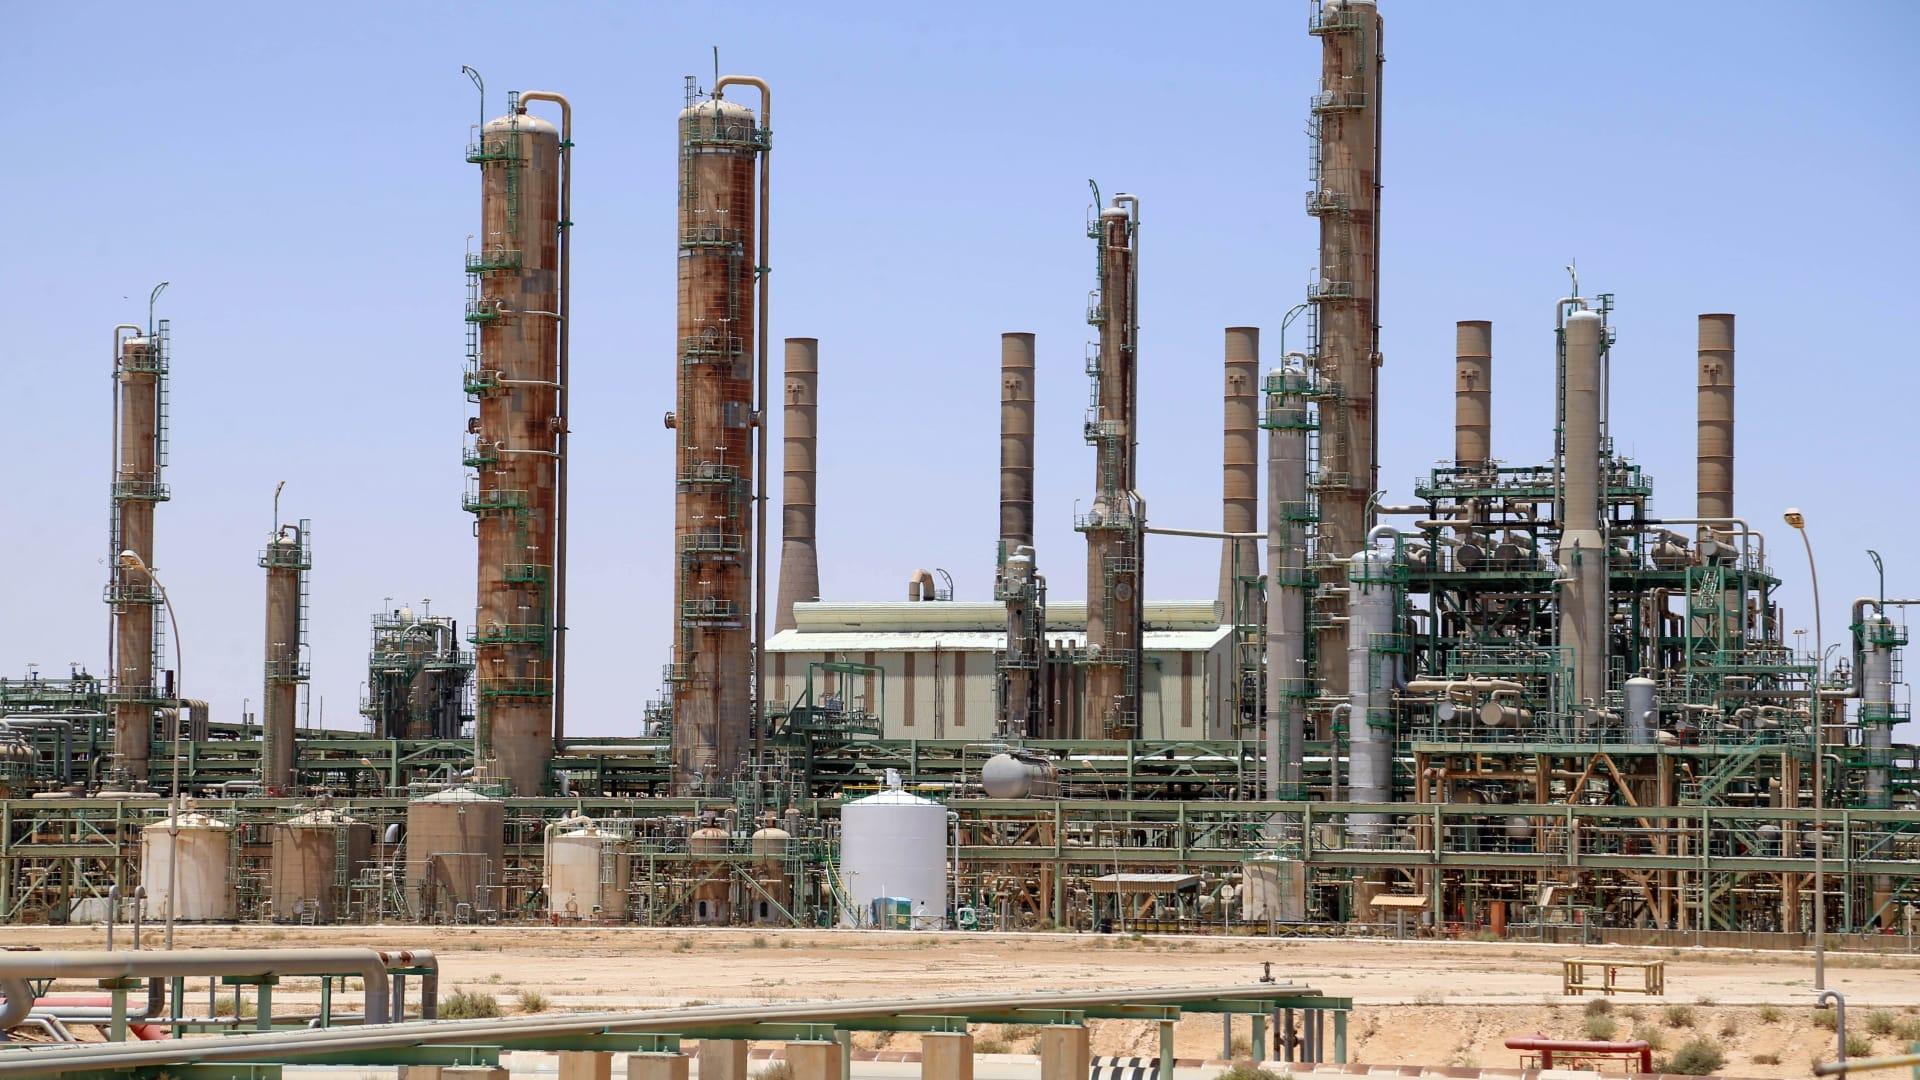 """مؤسسة النفط في ليبيا: تلقينا معلومات باستهداف مقرات إحدى شركاتنا بـ""""سيارات مفخخة"""""""